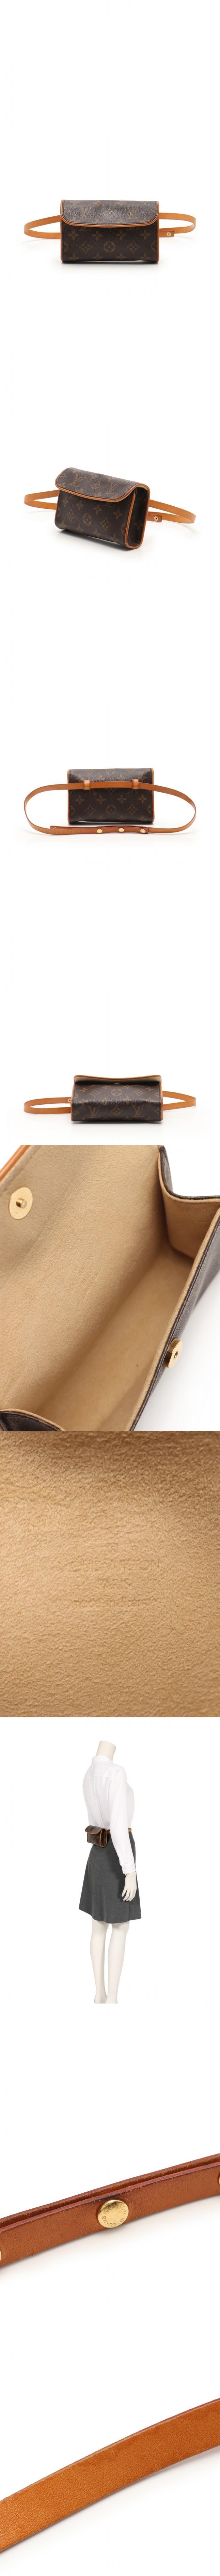 ボディバッグ ウエストポーチ ポシェットフロランティーヌ モノグラム 茶 M51855 PVC レザー